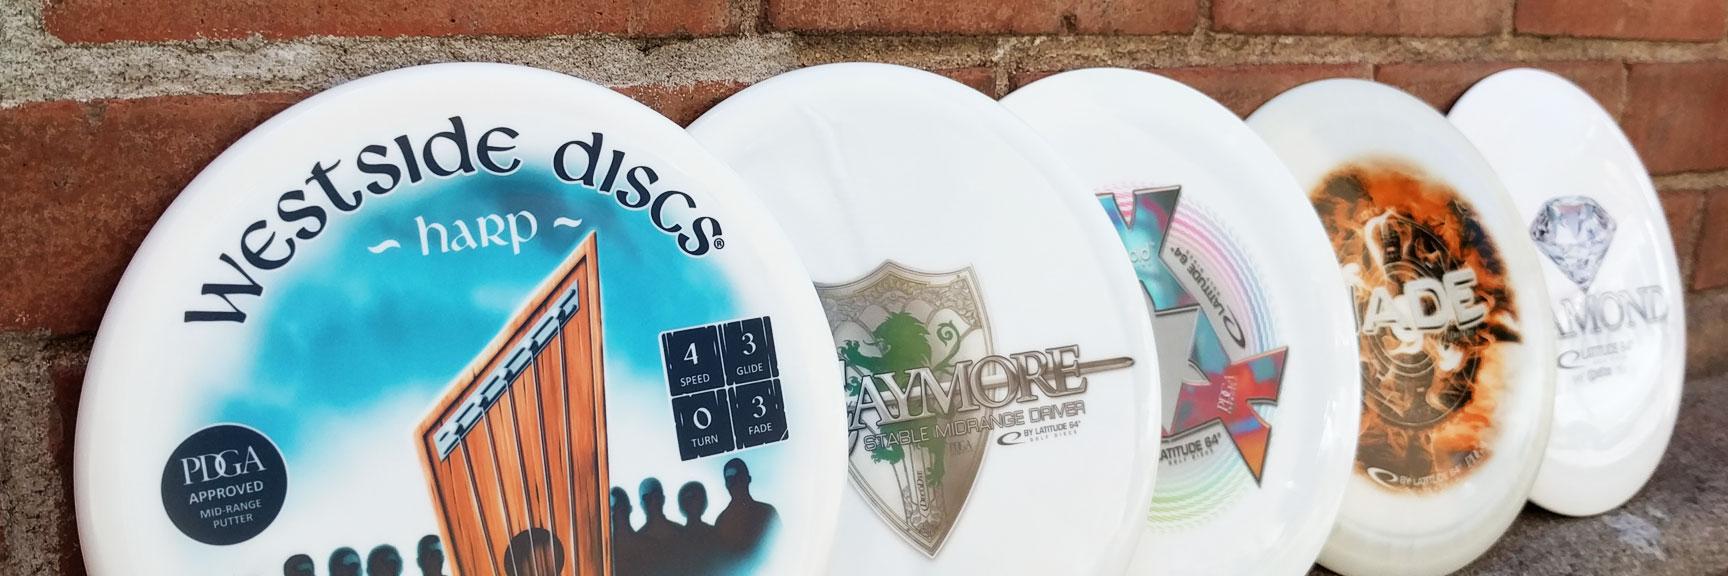 DecoDye disc golf discs